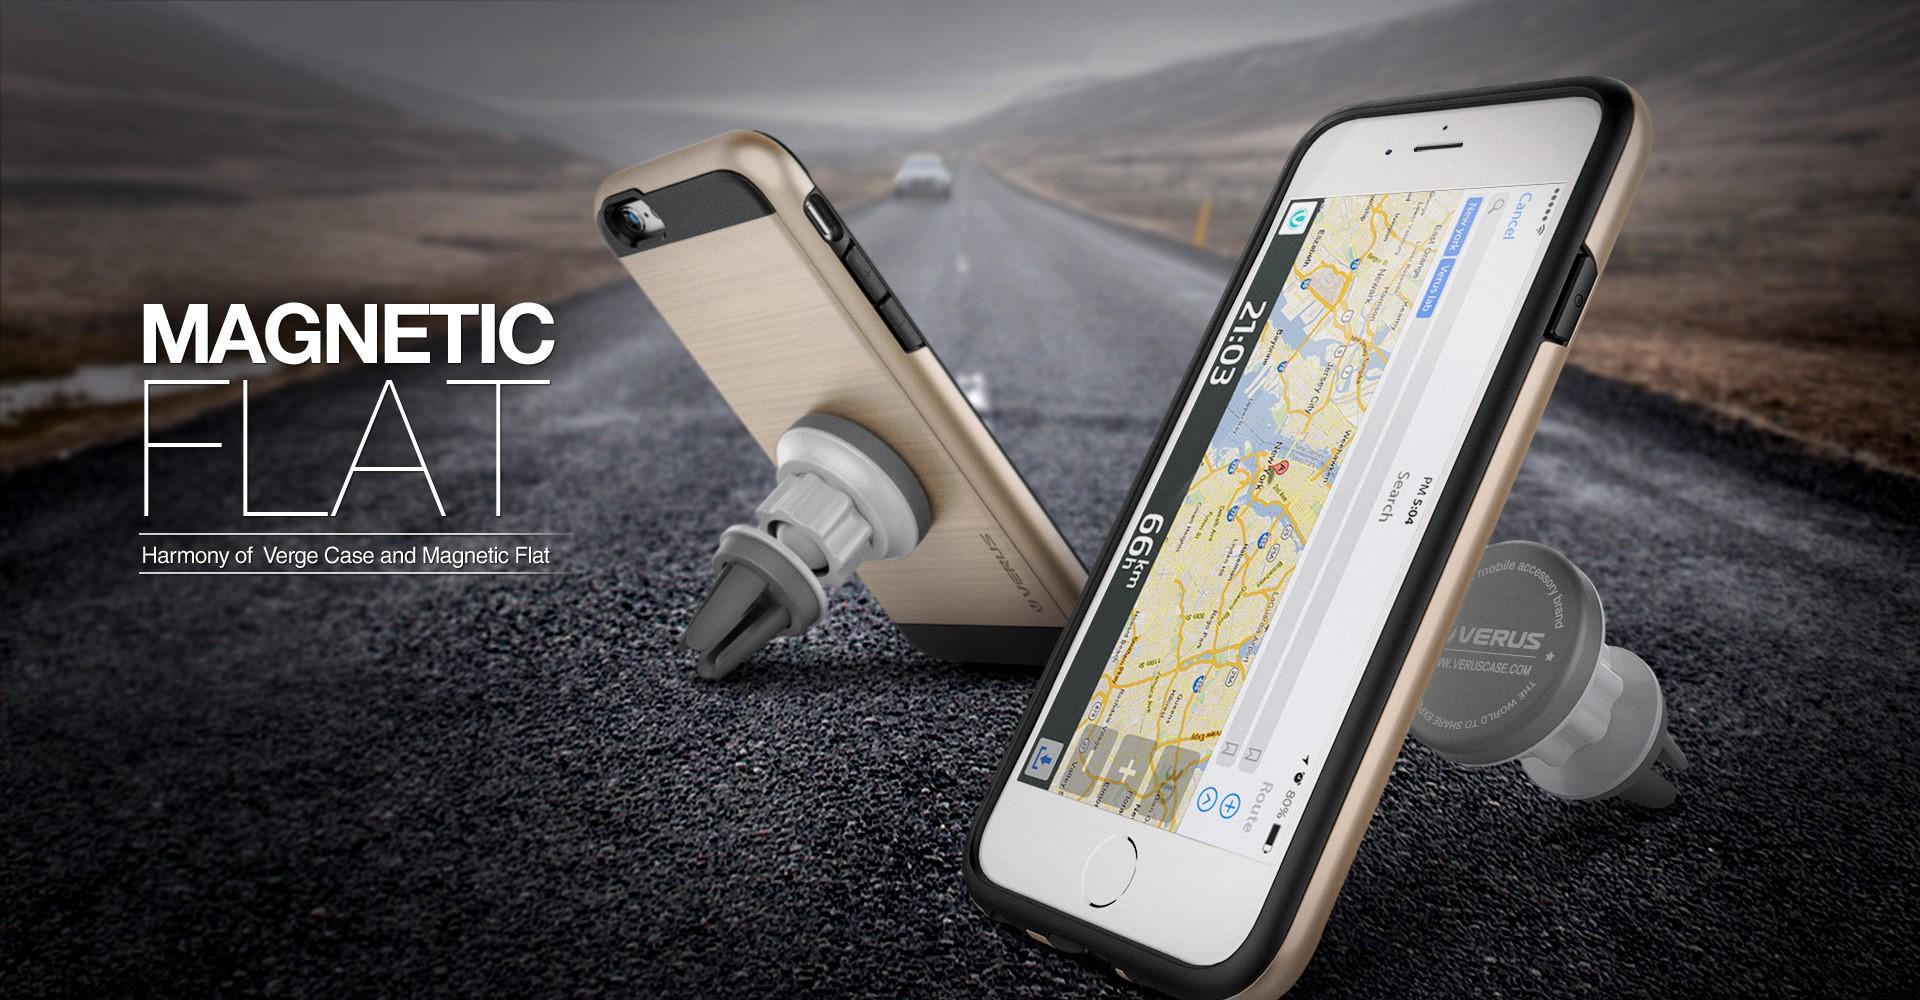 Verus Farkını Iphone 6S'de Hissedin!